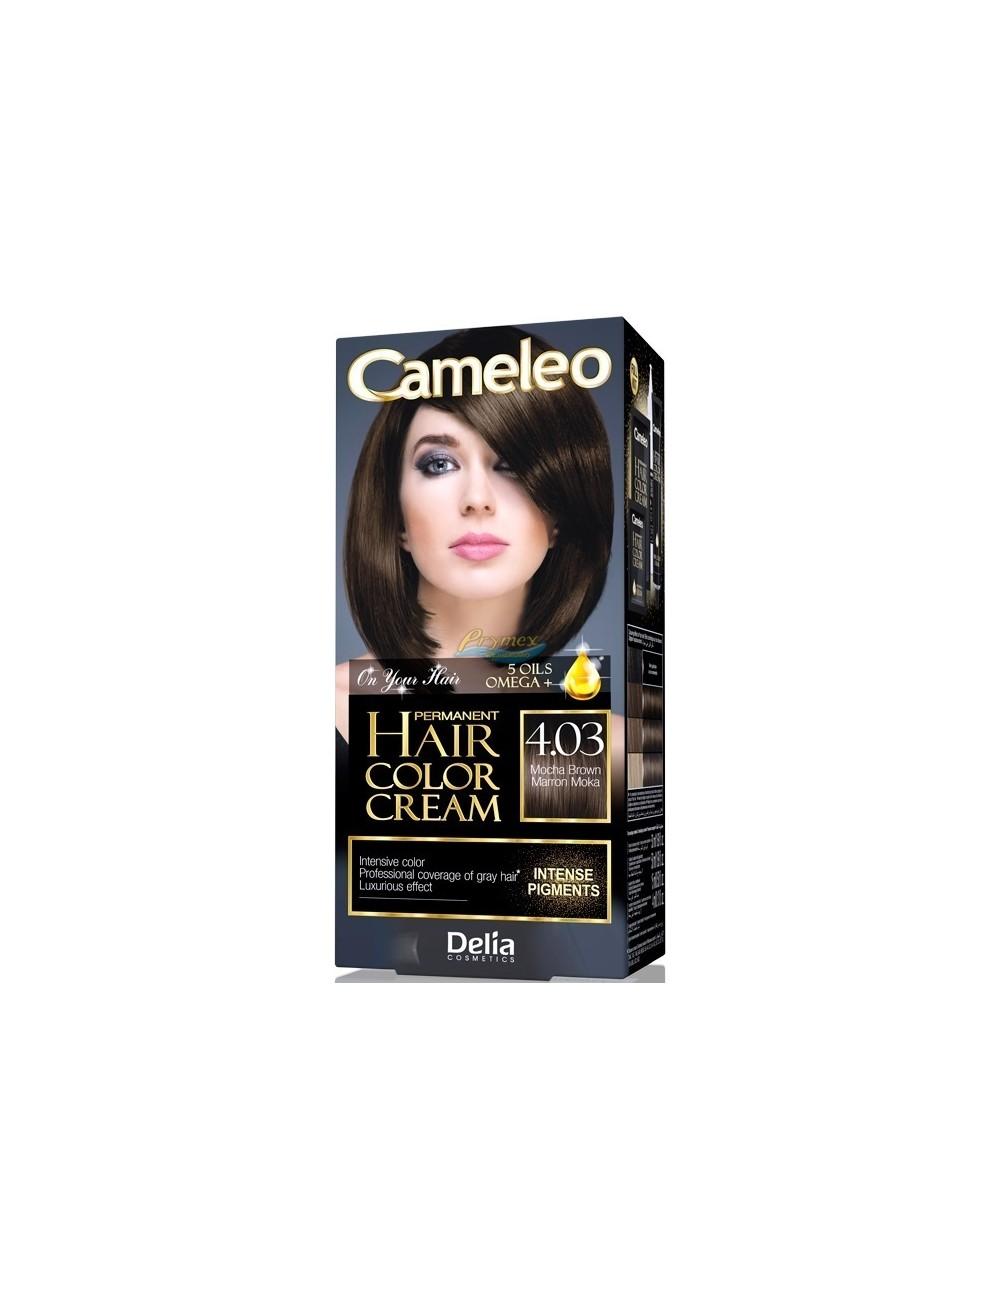 Cameleo Farba do Włosów Trwale Koloryzująca 4.03 Mokka 1 szt